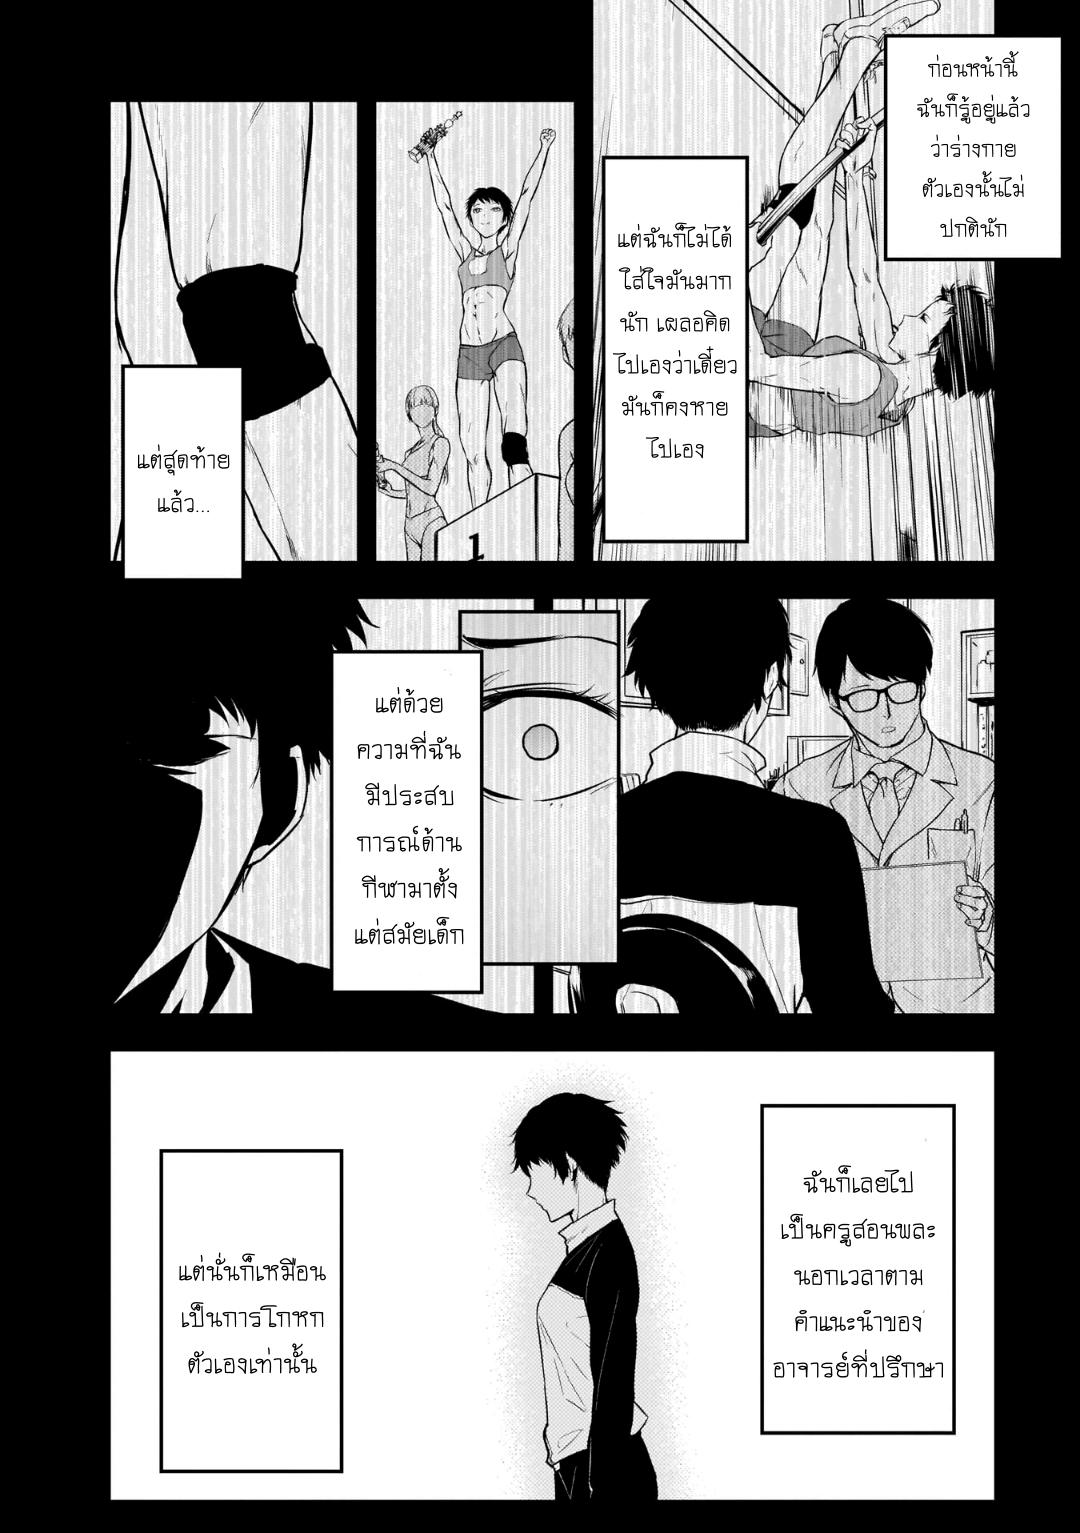 อ่านการ์ตูน Kanojo Gacha ตอนที่ 13 หน้าที่ 17